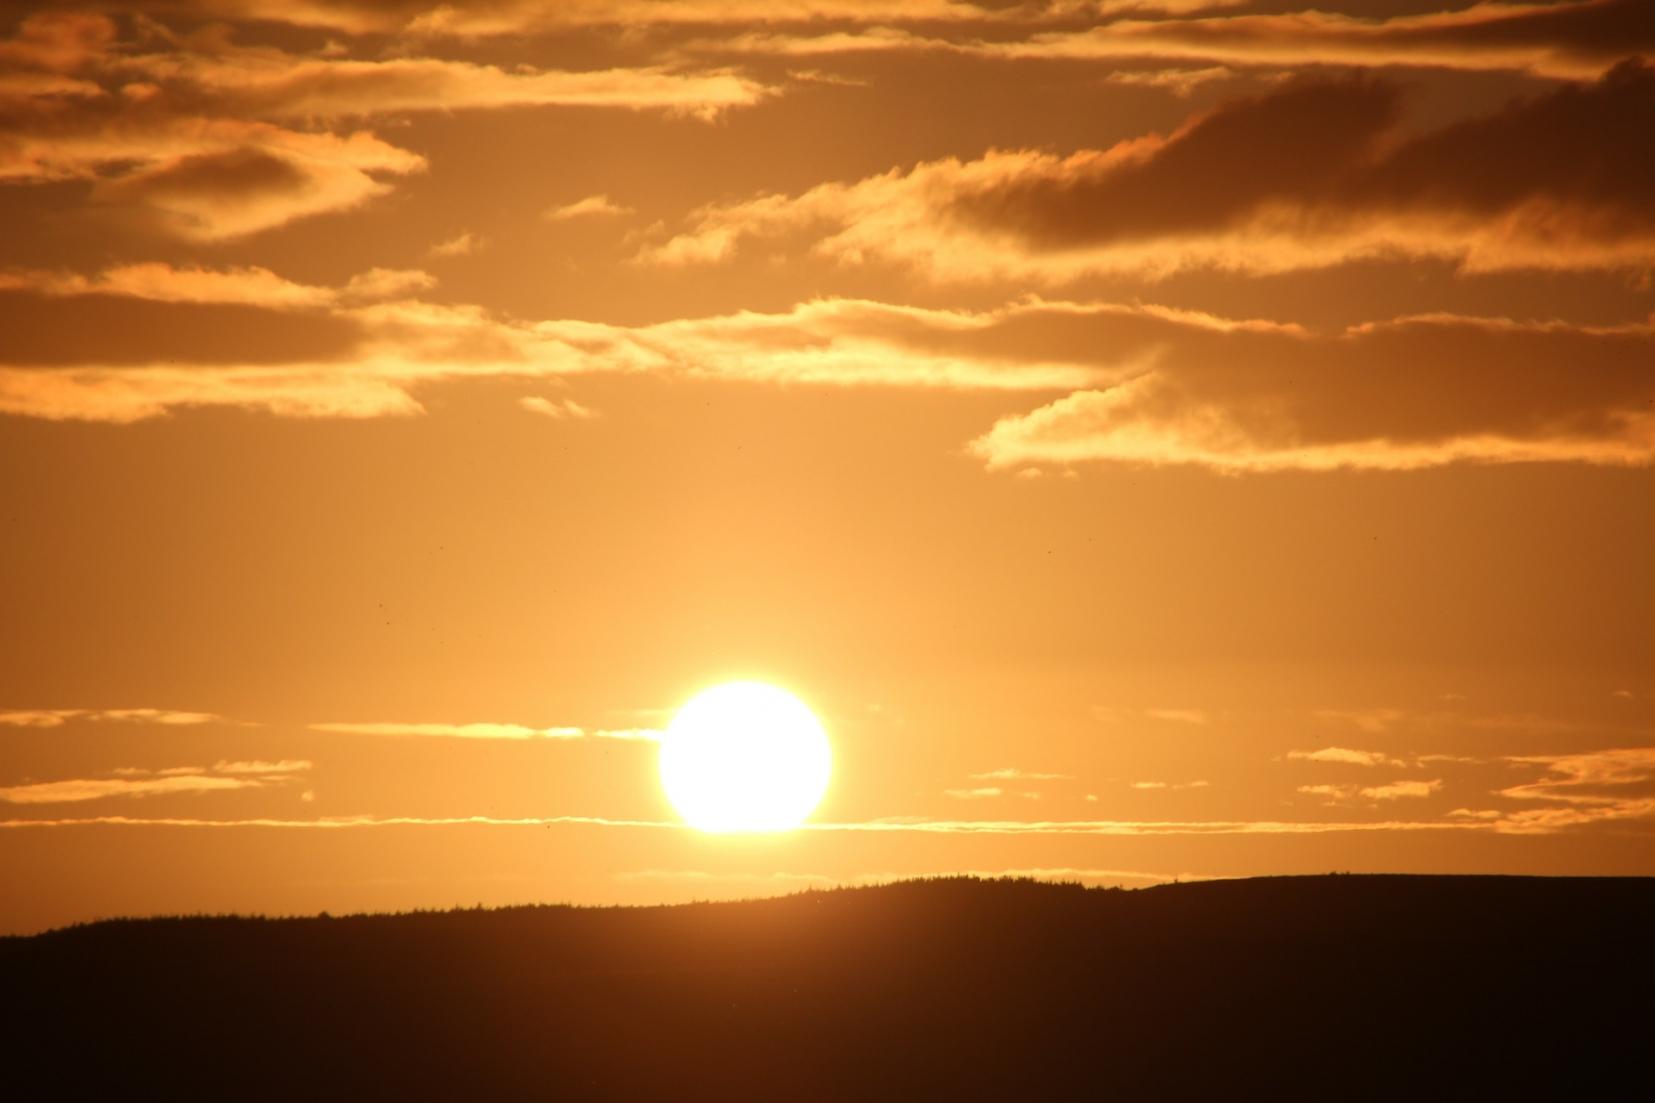 sun-49143_1920-e1476178417736